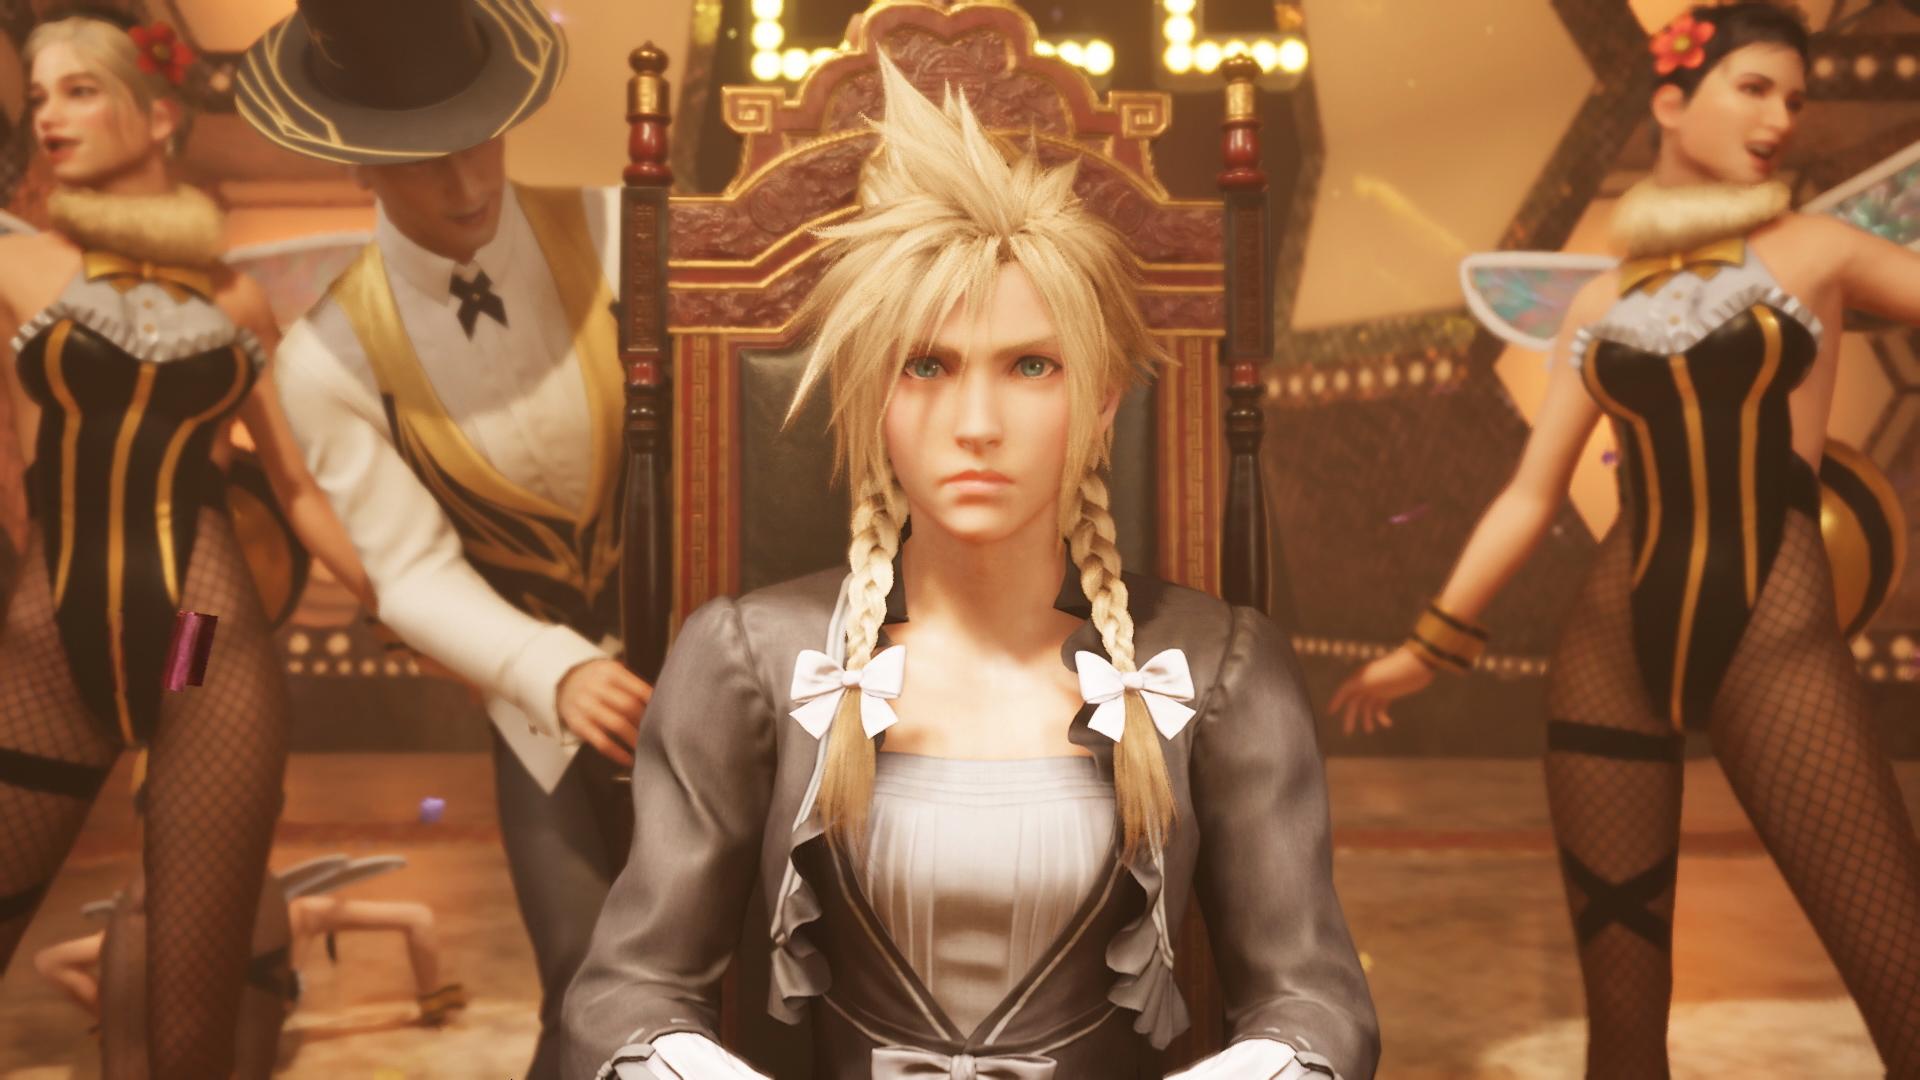 Final Fantasy VII Remake - Cloud DRESSED up